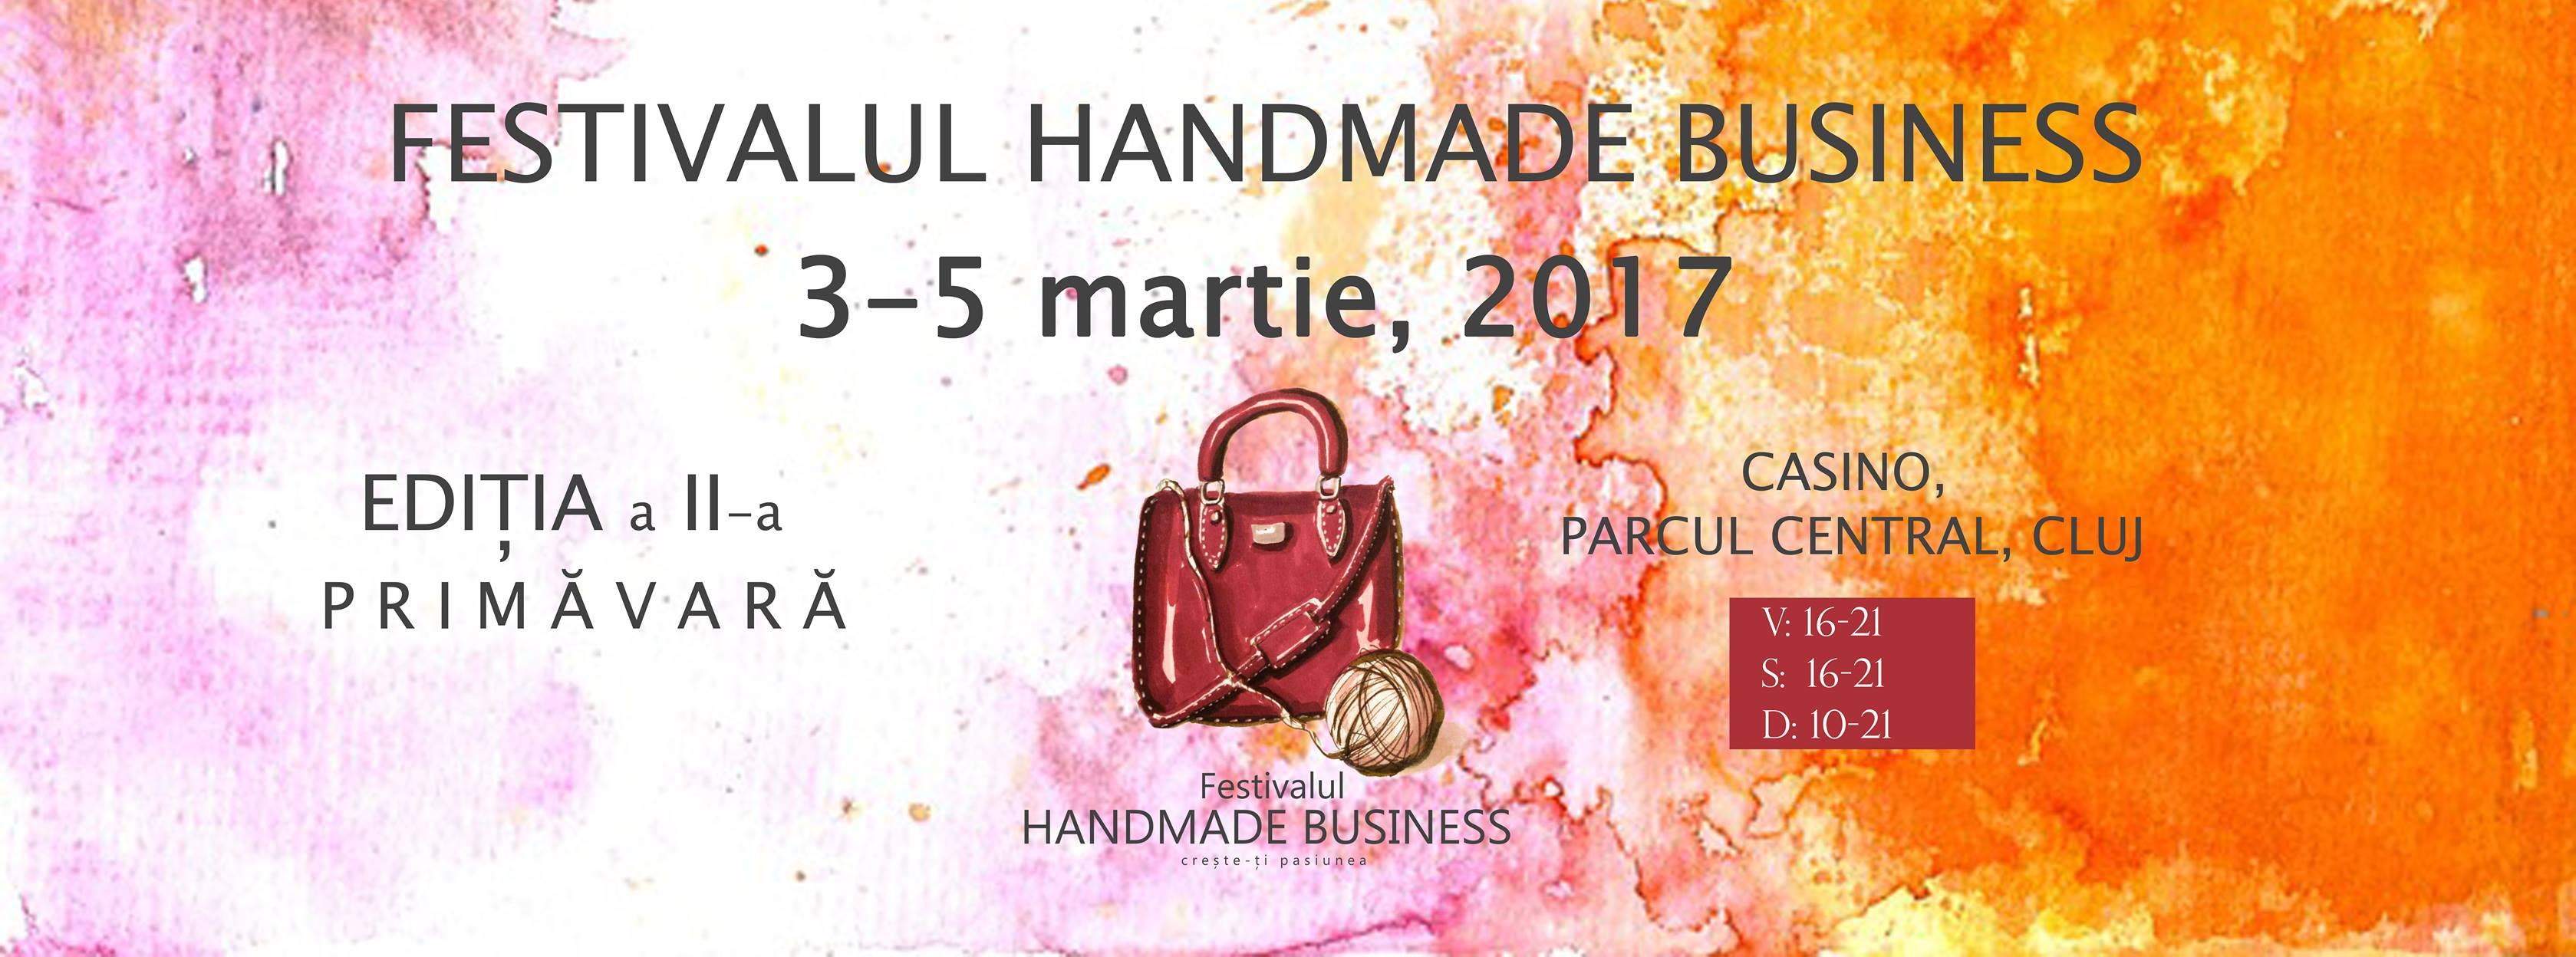 Festivalul Handmade Business, în weekend-ul 3-5 martie, la Centrul de Cultură Urbană Casino